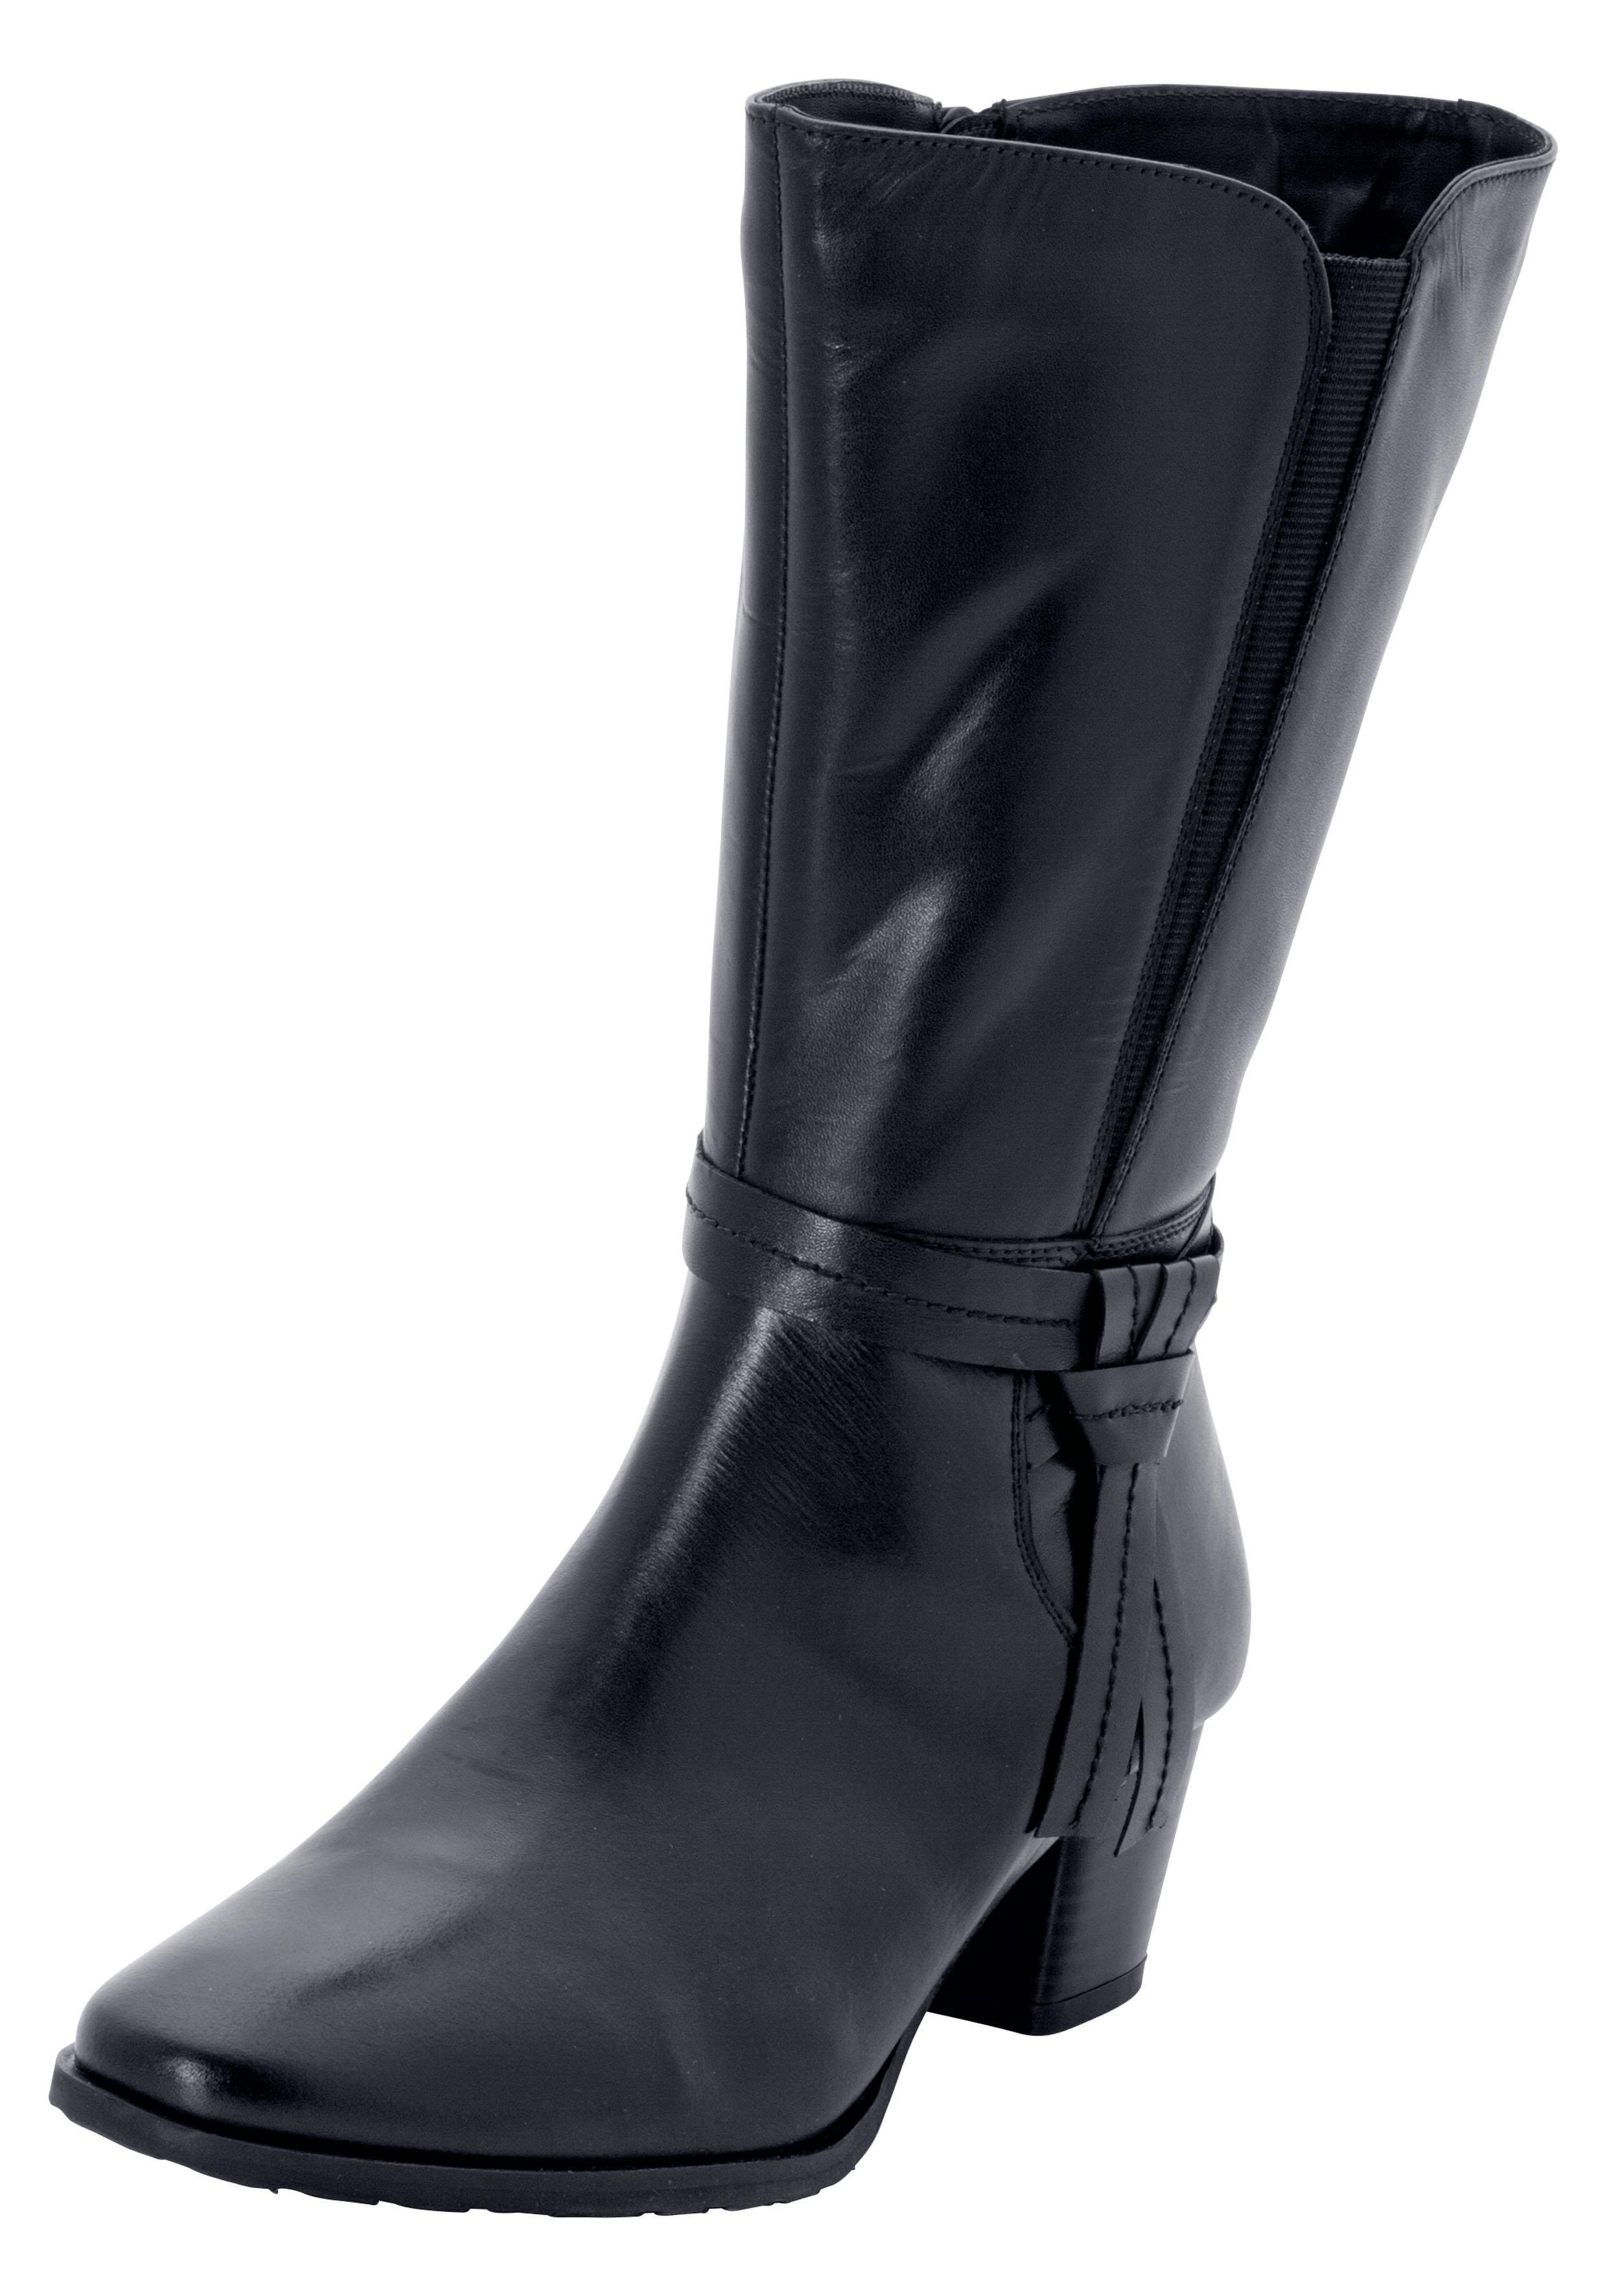 Große Größen: Weitschaftstiefel mit dekorativem Lederband, schwarz, Gr.37-44